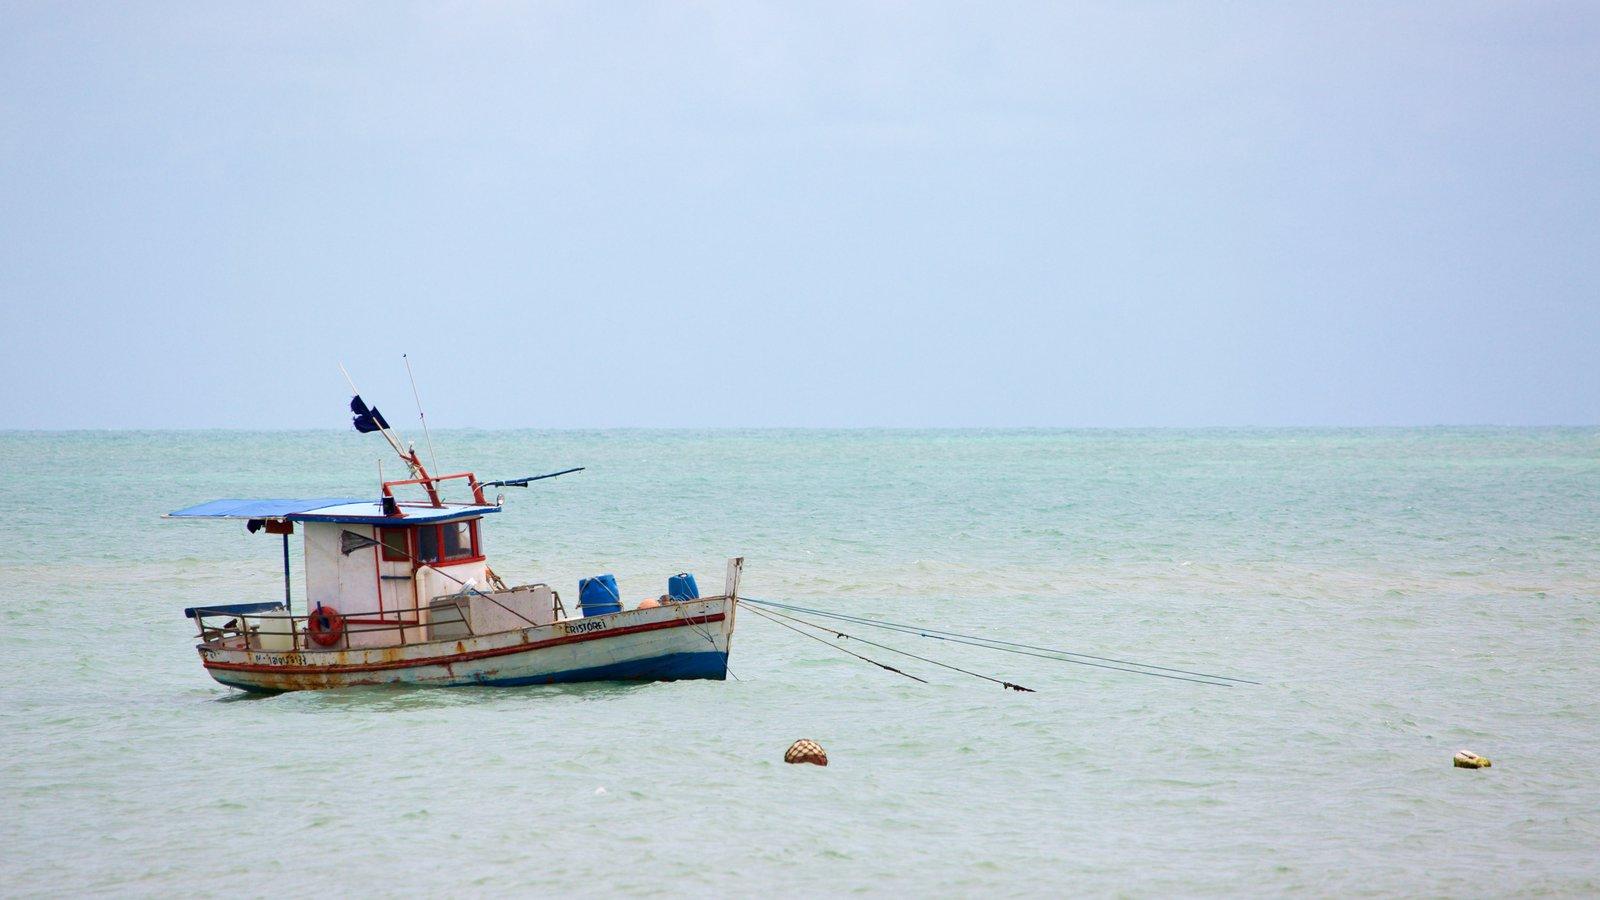 Praia de Pirangi caracterizando paisagens litorâneas, canoagem e pesca